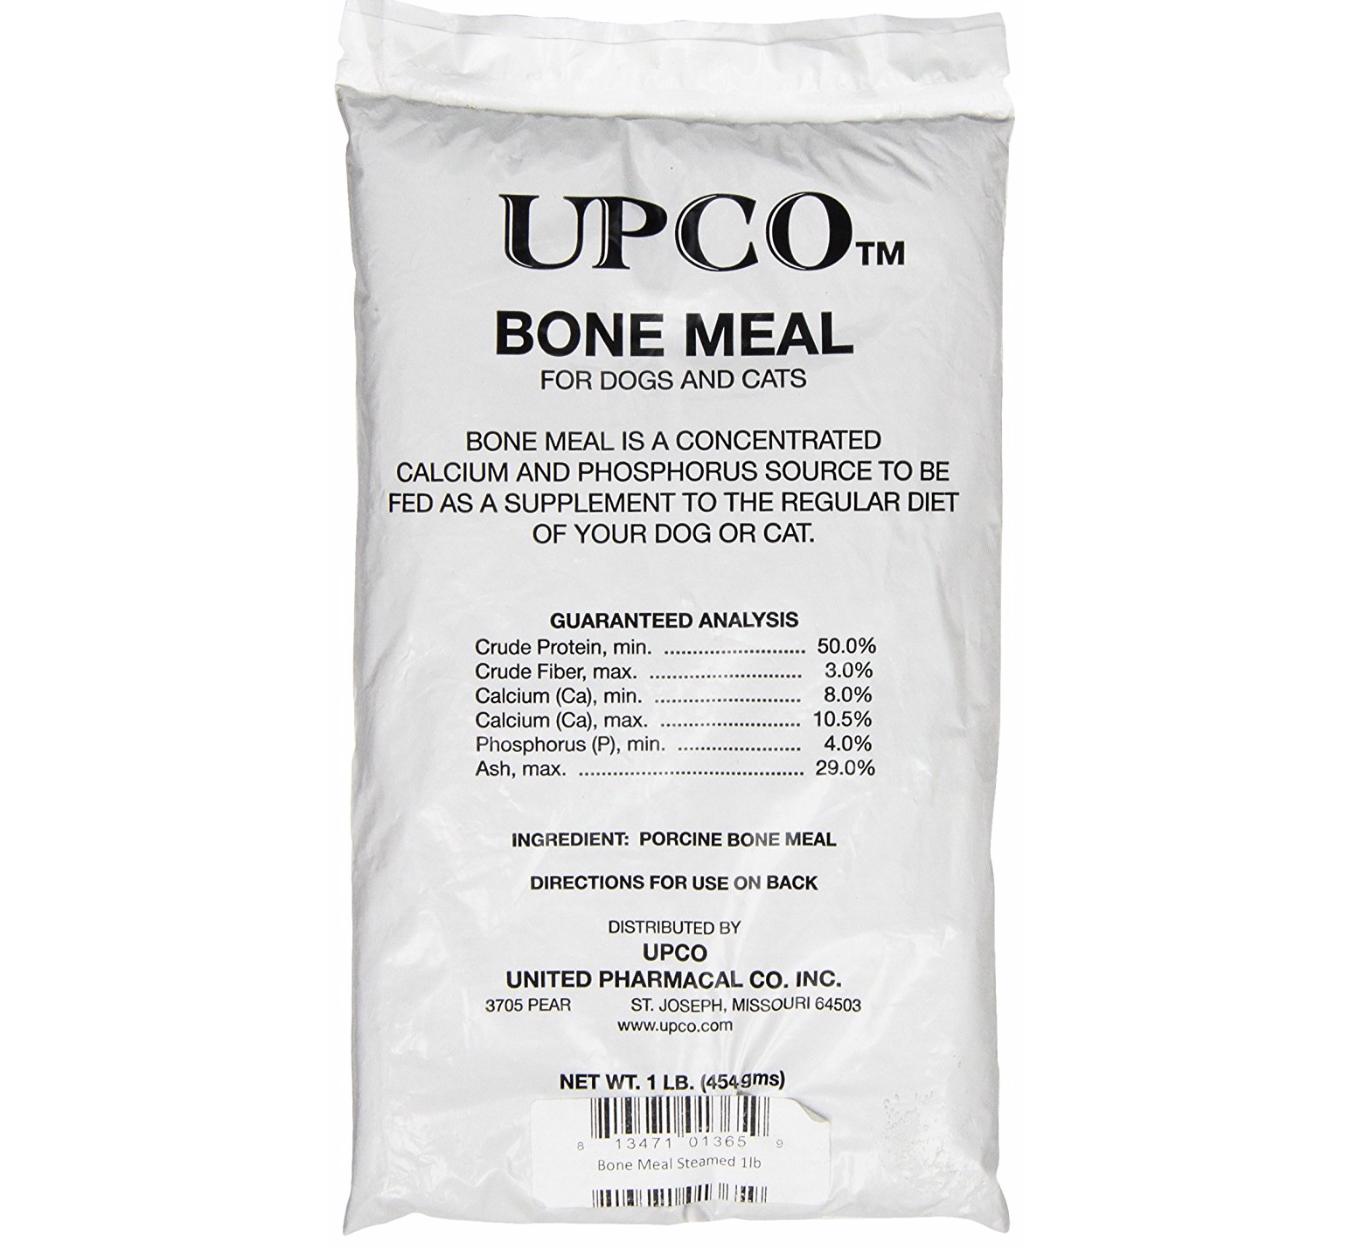 Upco Bonemeal